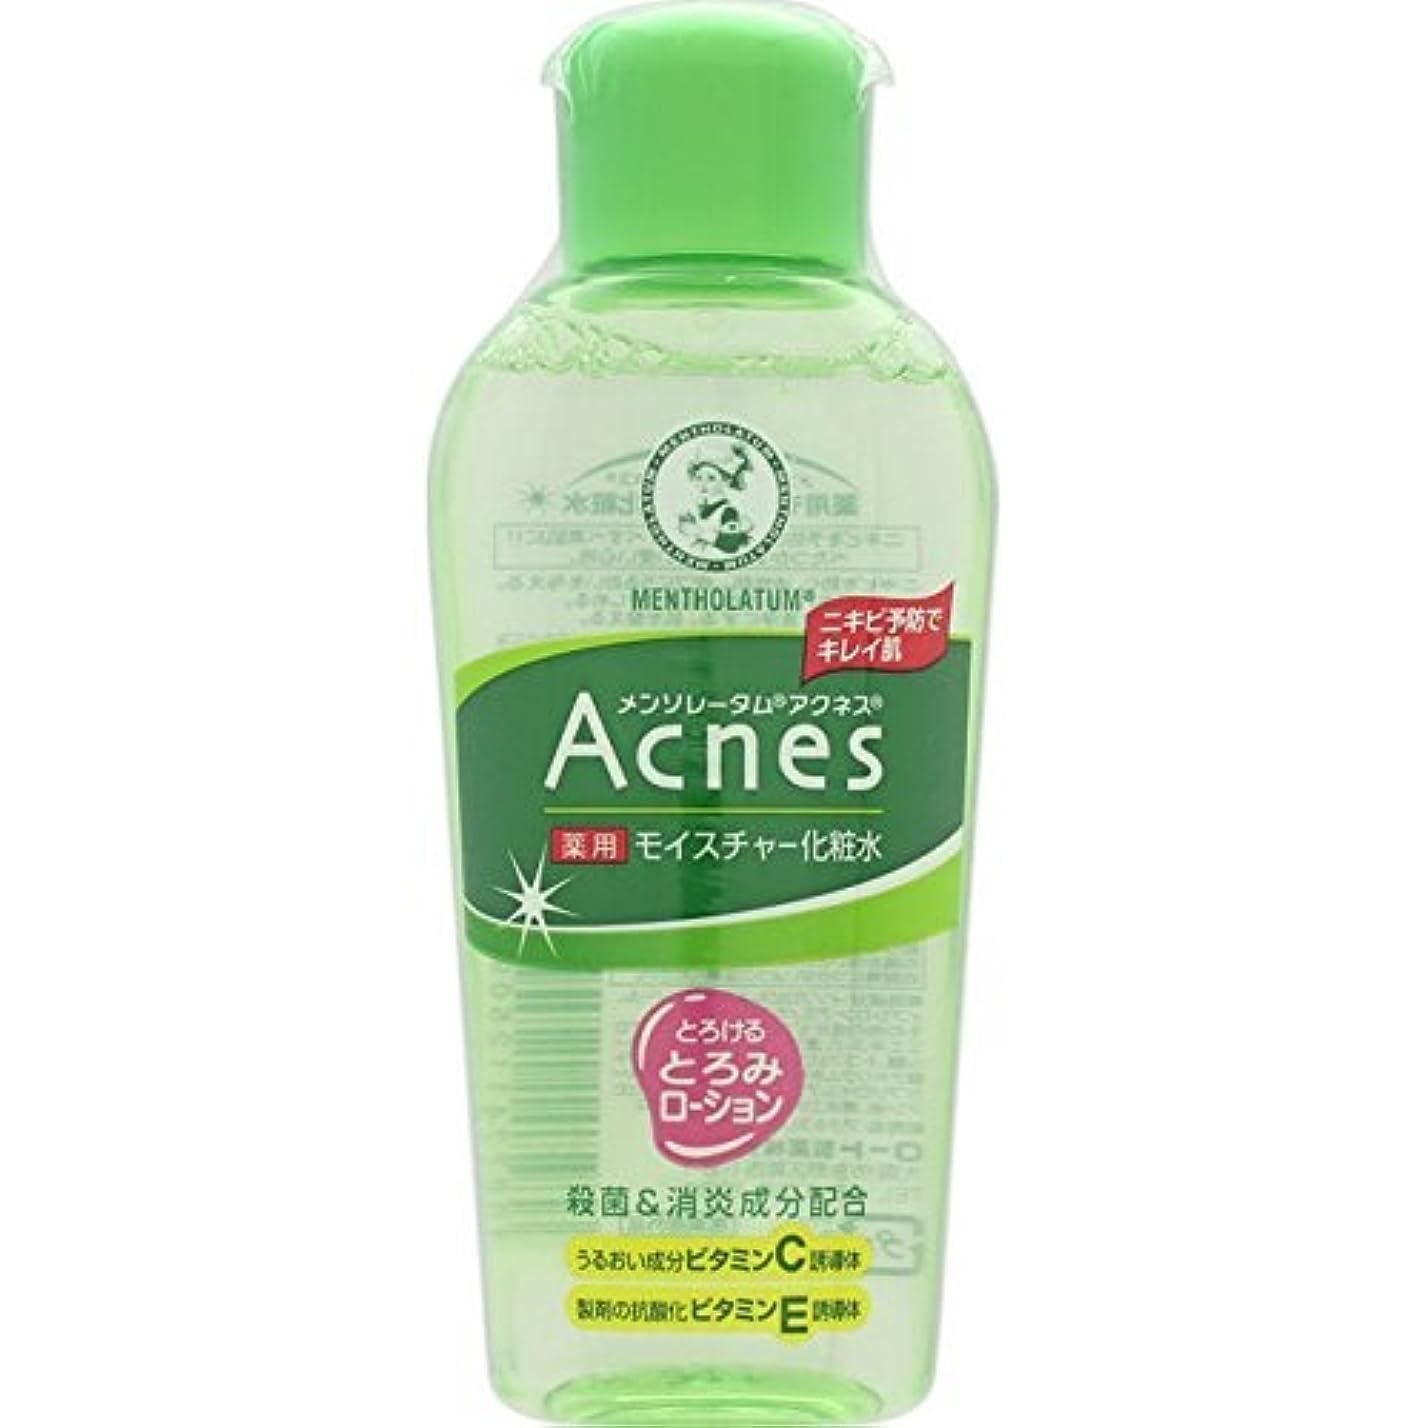 教えるスタイルオッズAcnes(アクネス) 薬用モイスチャー化粧水 120mL【医薬部外品】